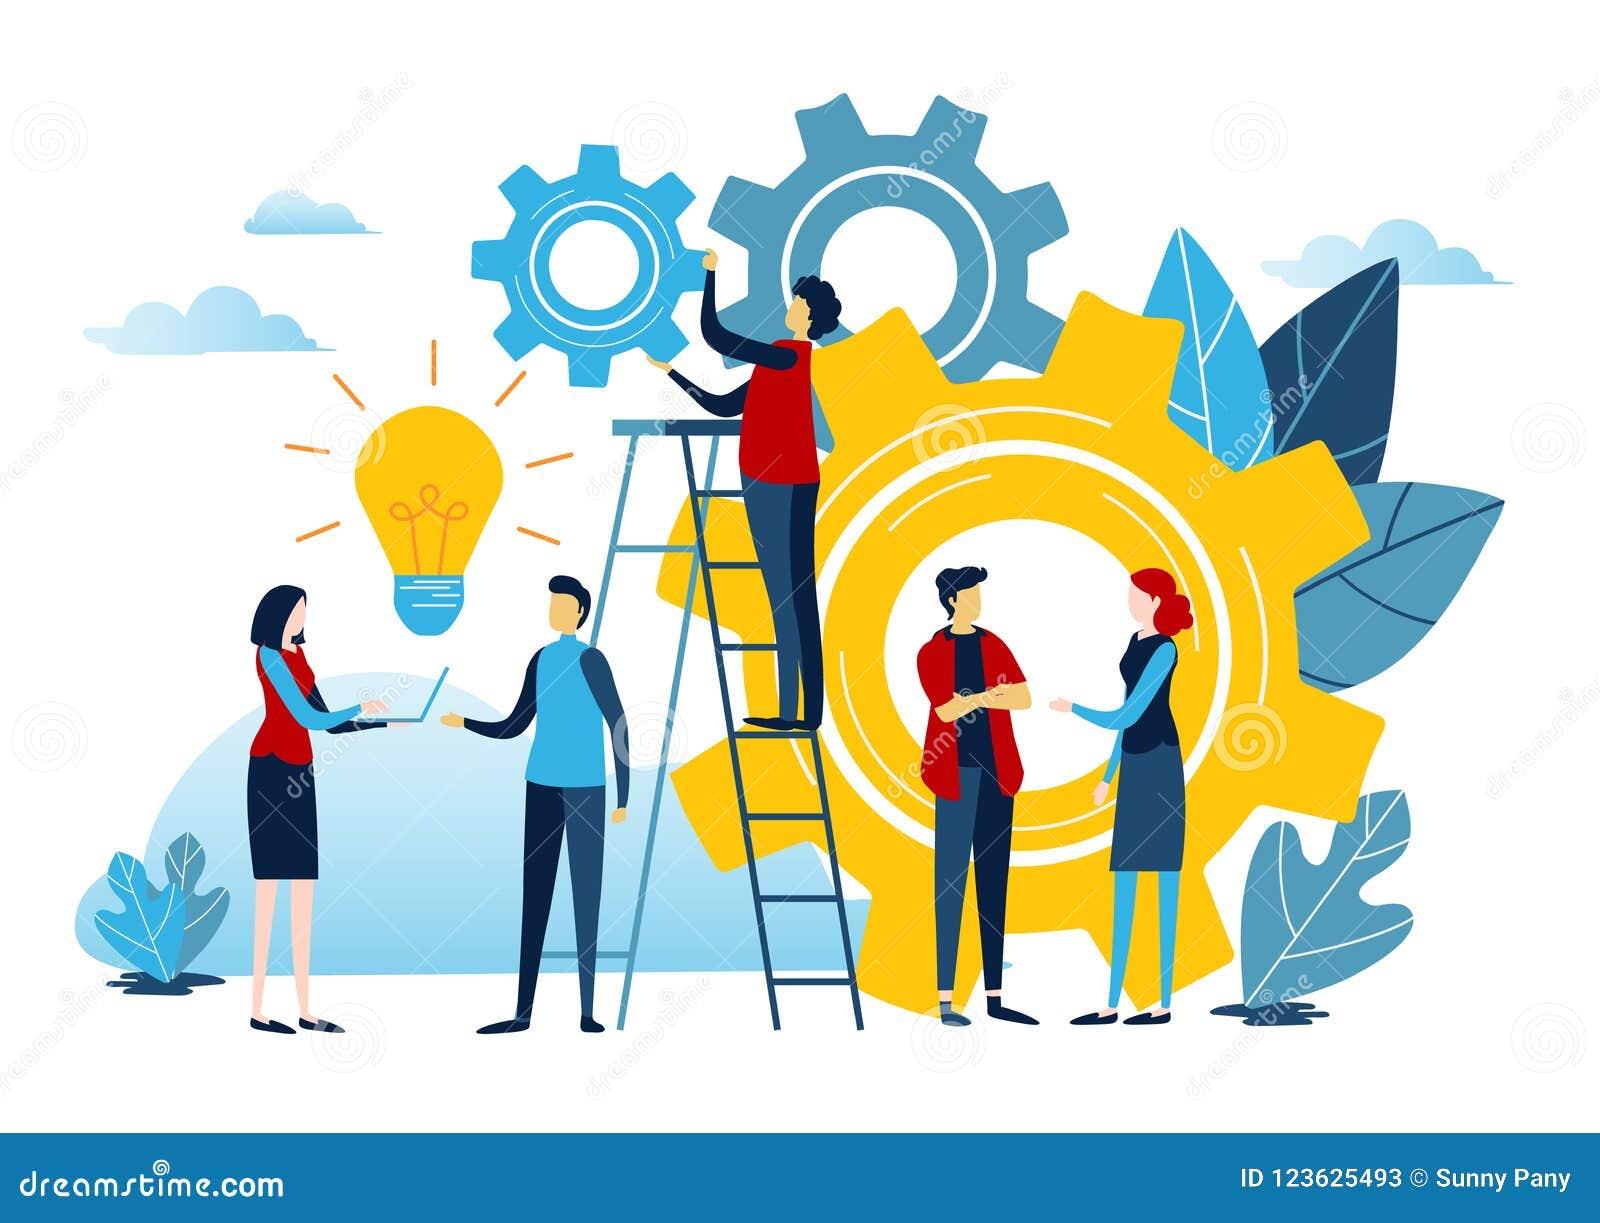 Οι μίνι άνθρωποι δημιουργούν την ιδέα στην επιτυχία Διανυσματικός γραφικός επιχειρησιακής απεικόνισης στο άσπρο υπόβαθρο Επίπεδος